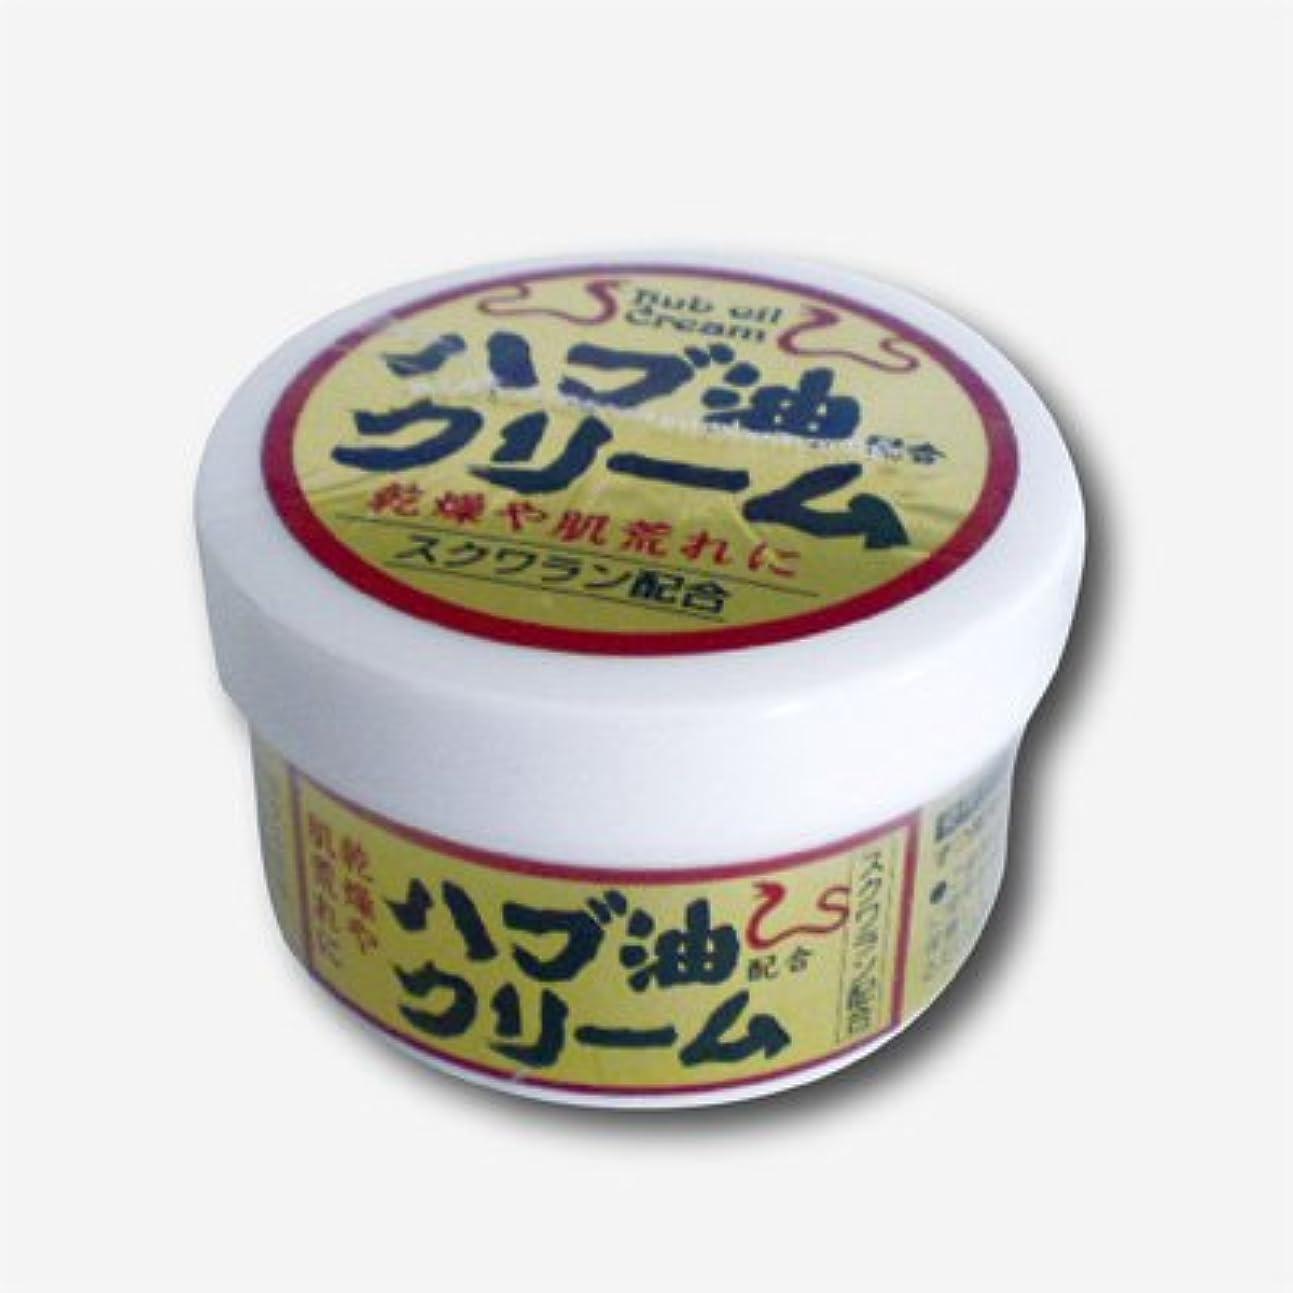 考古学石化する非互換ハブ油配合クリーム 2個【1個?50g】